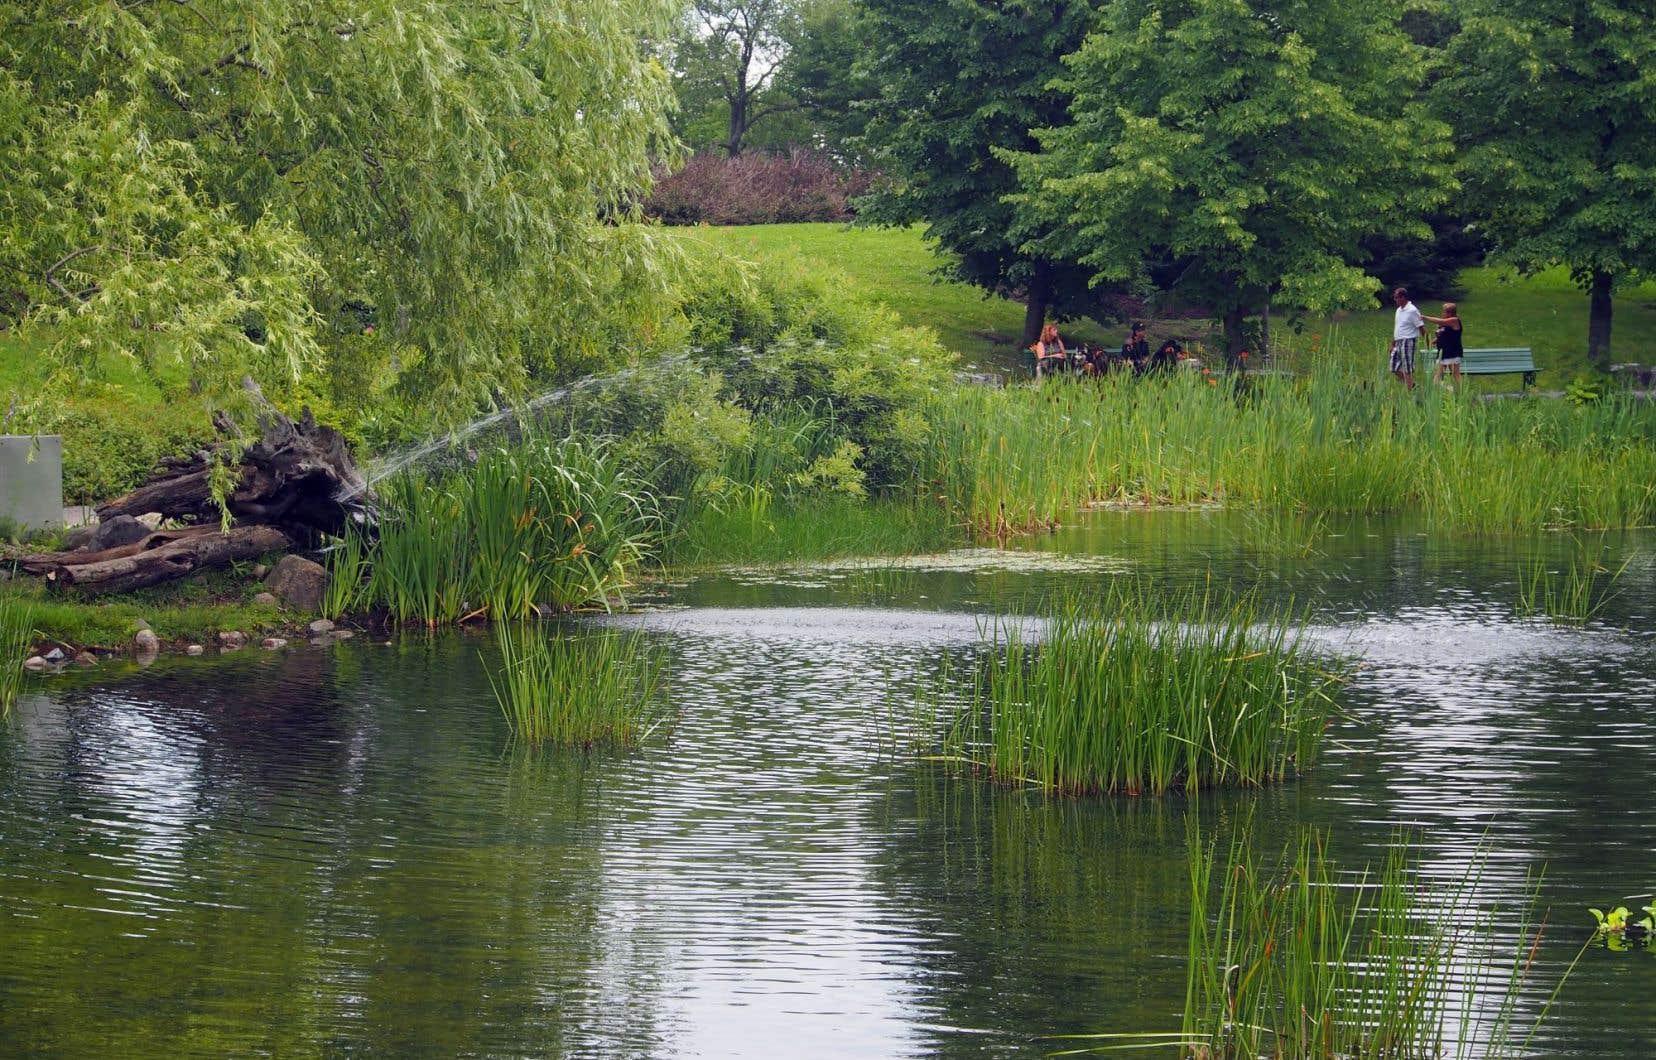 Un des attraits de l'arboretum est le jardin d'eau, dont les contours sont joliment aménagés et où sont décrites les cinq grandes catégories de plantes aquatiques.